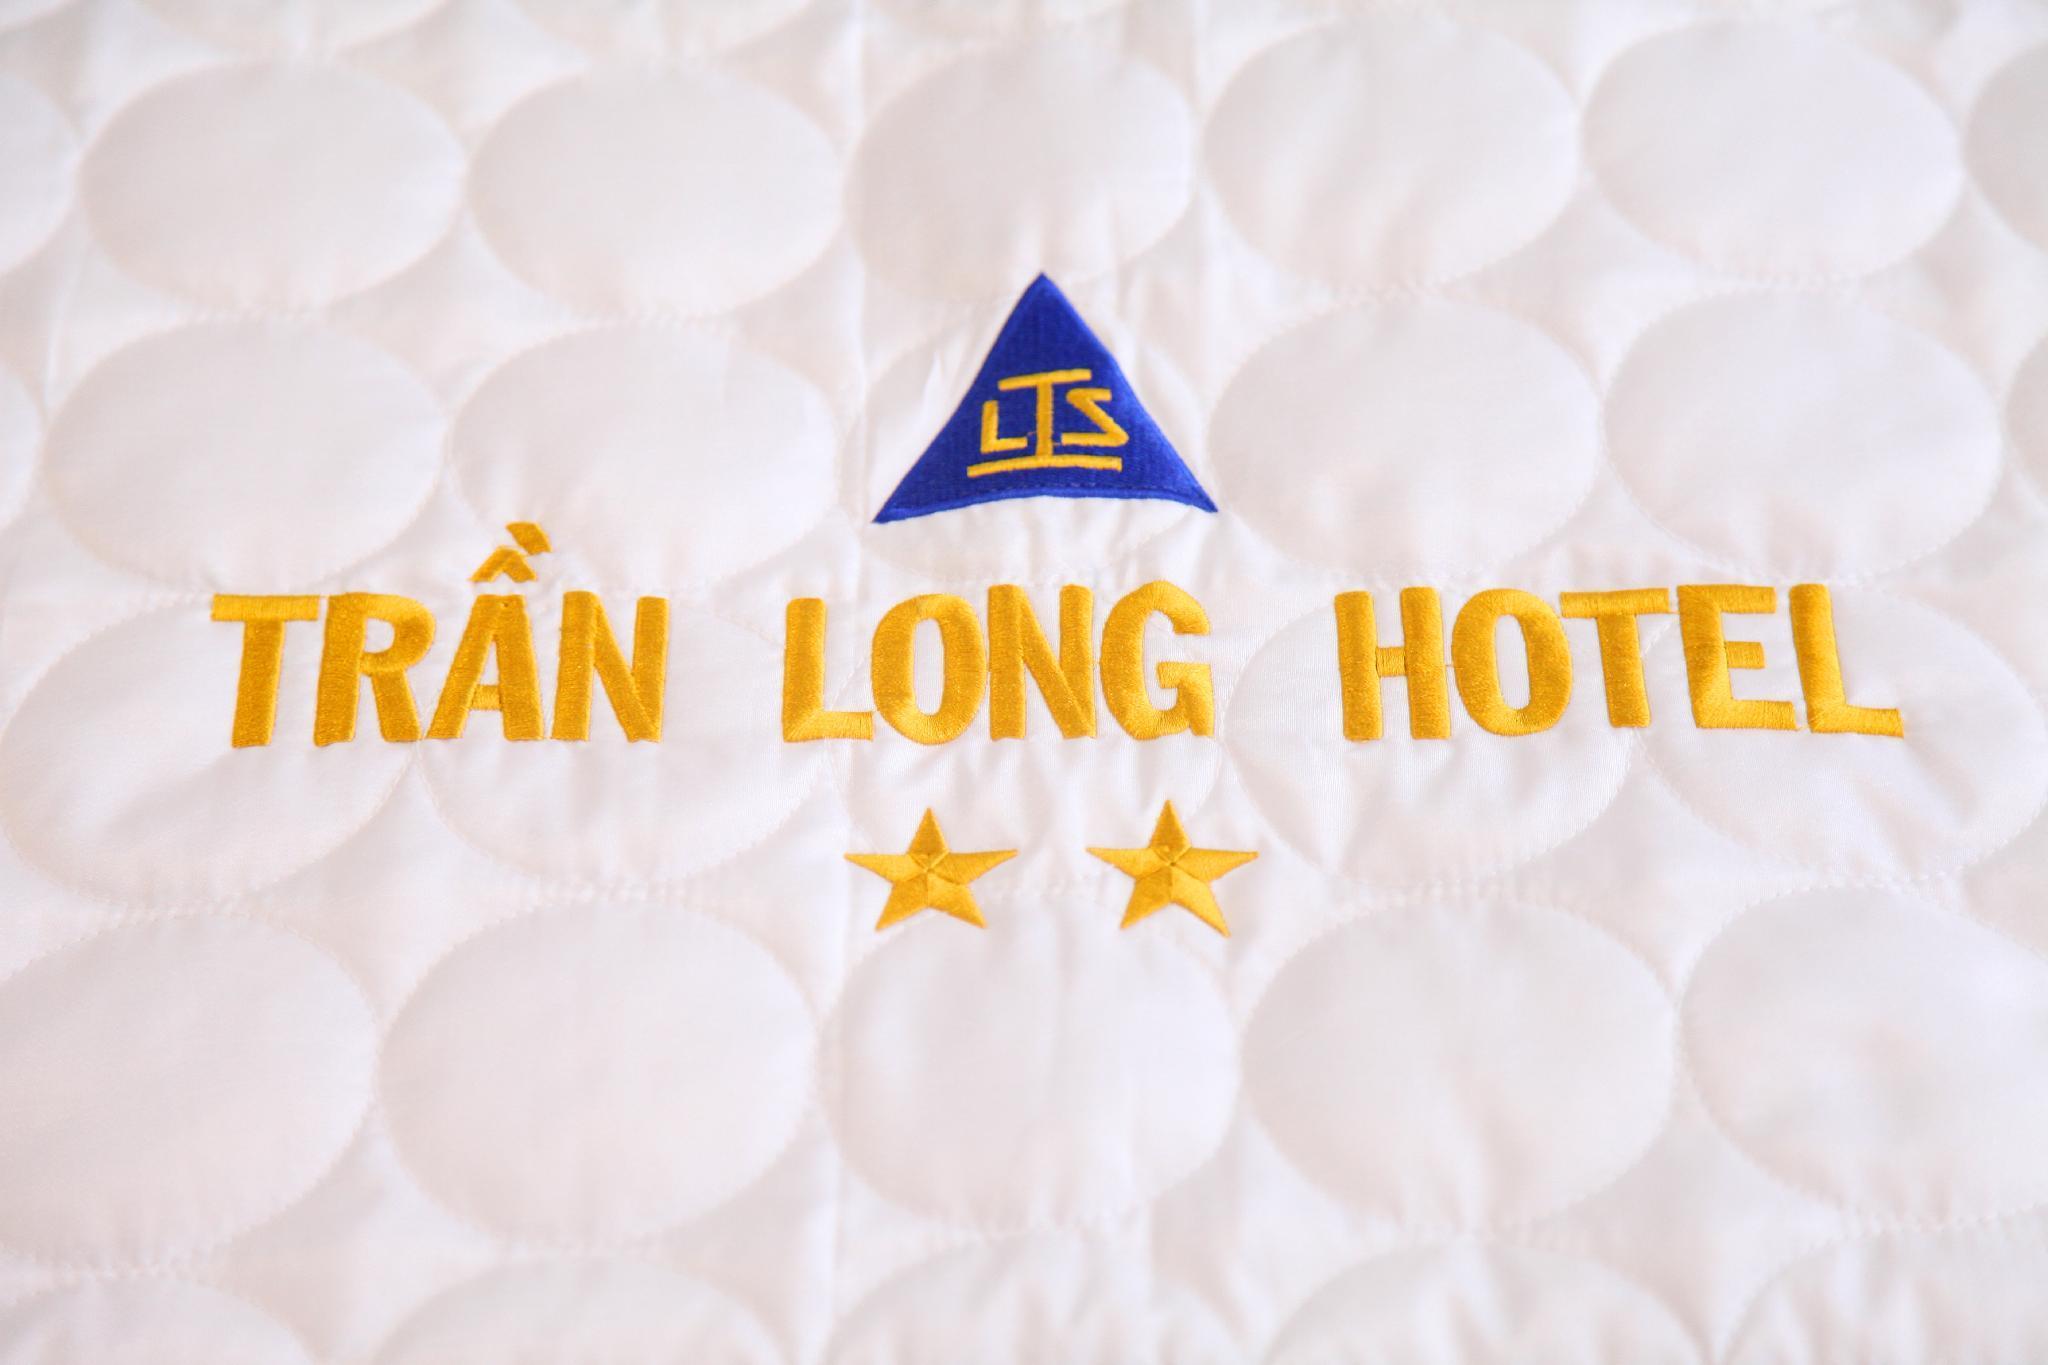 TRAN LONG BINH DUONG